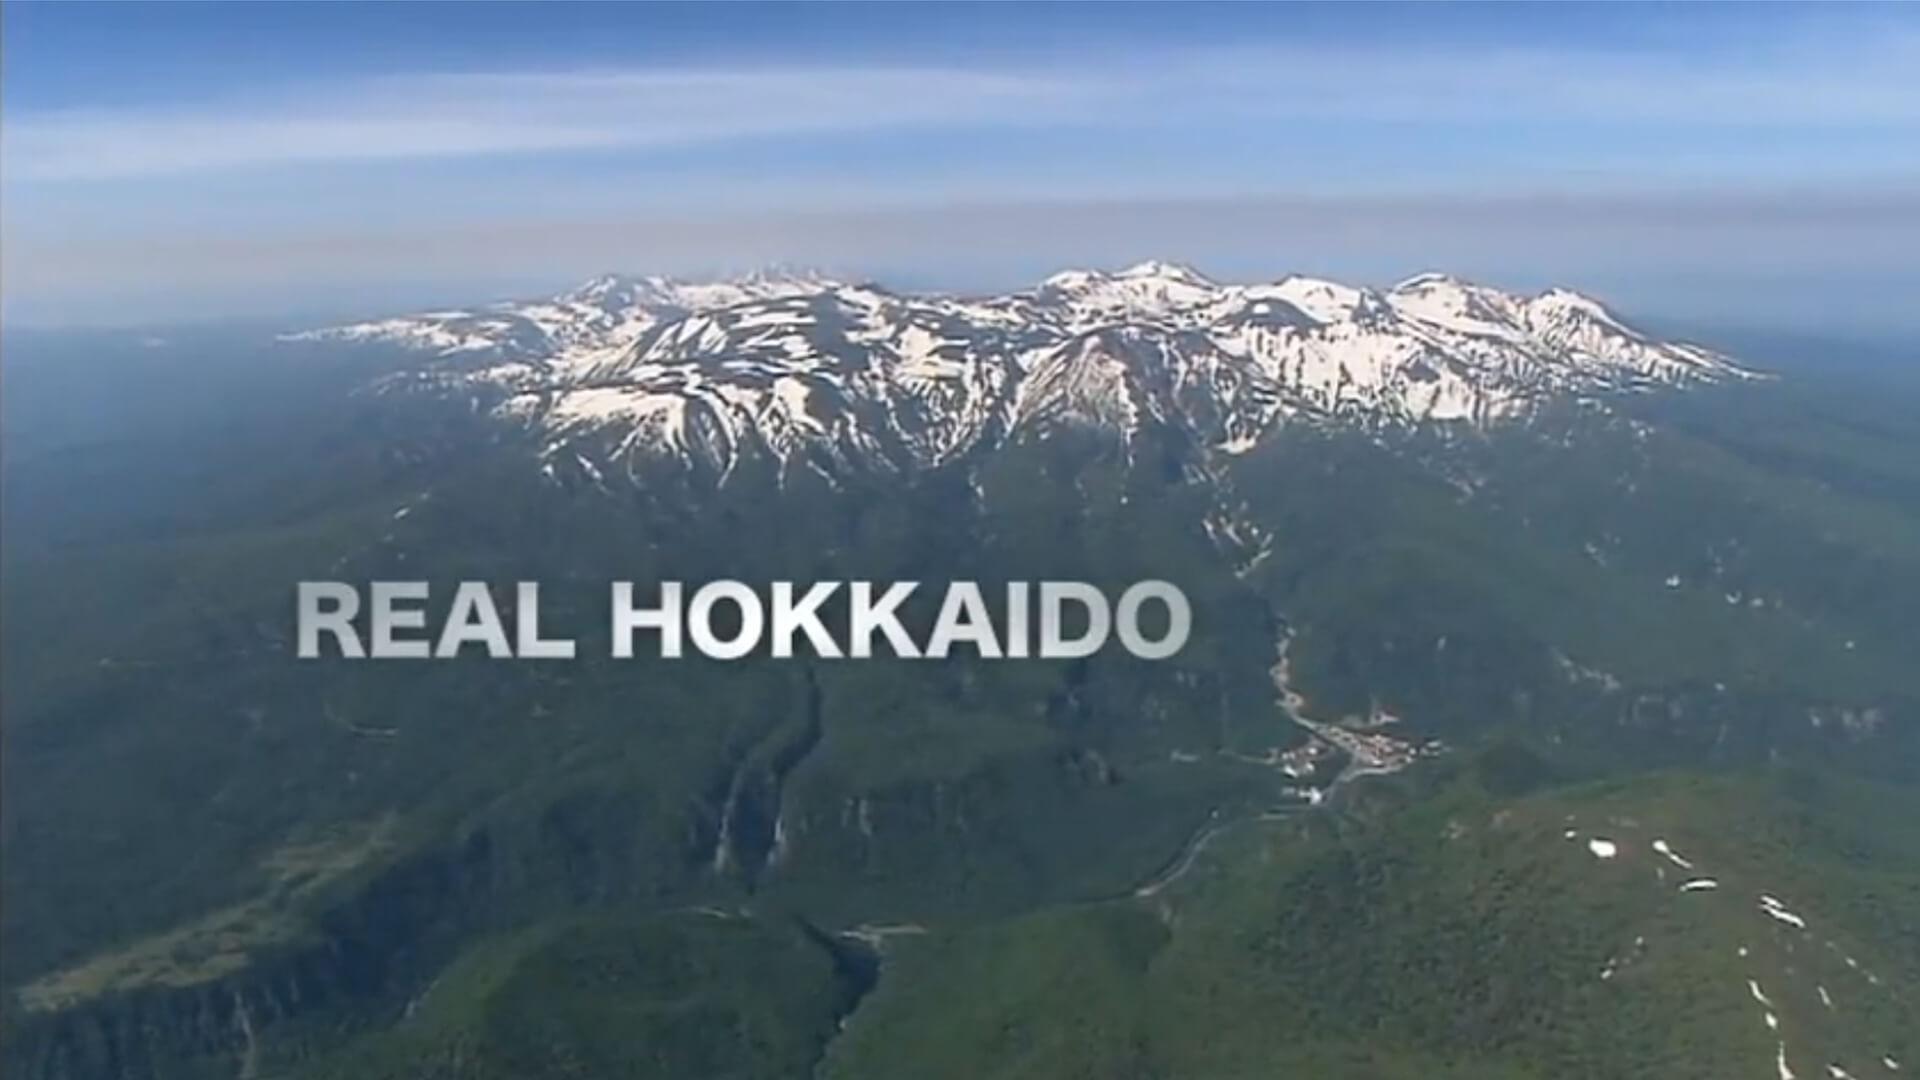 Real Hokkaido